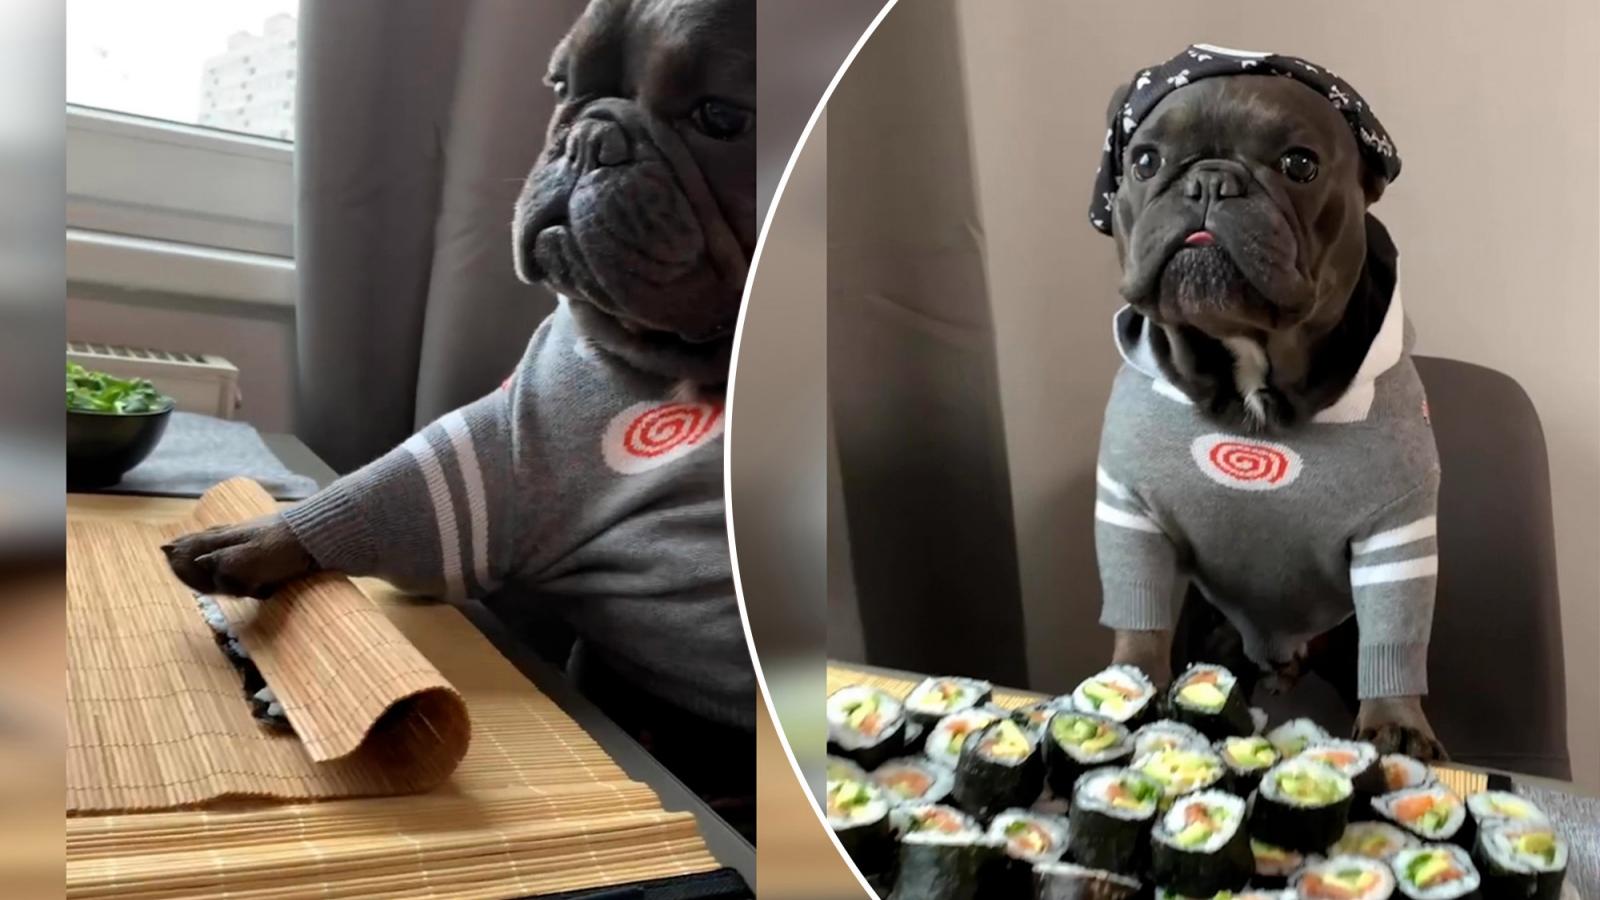 """Tròn mắt xem chú chó bulldog trổ tài làm sushi như """"đầu bếp chuyên nghiệp"""""""